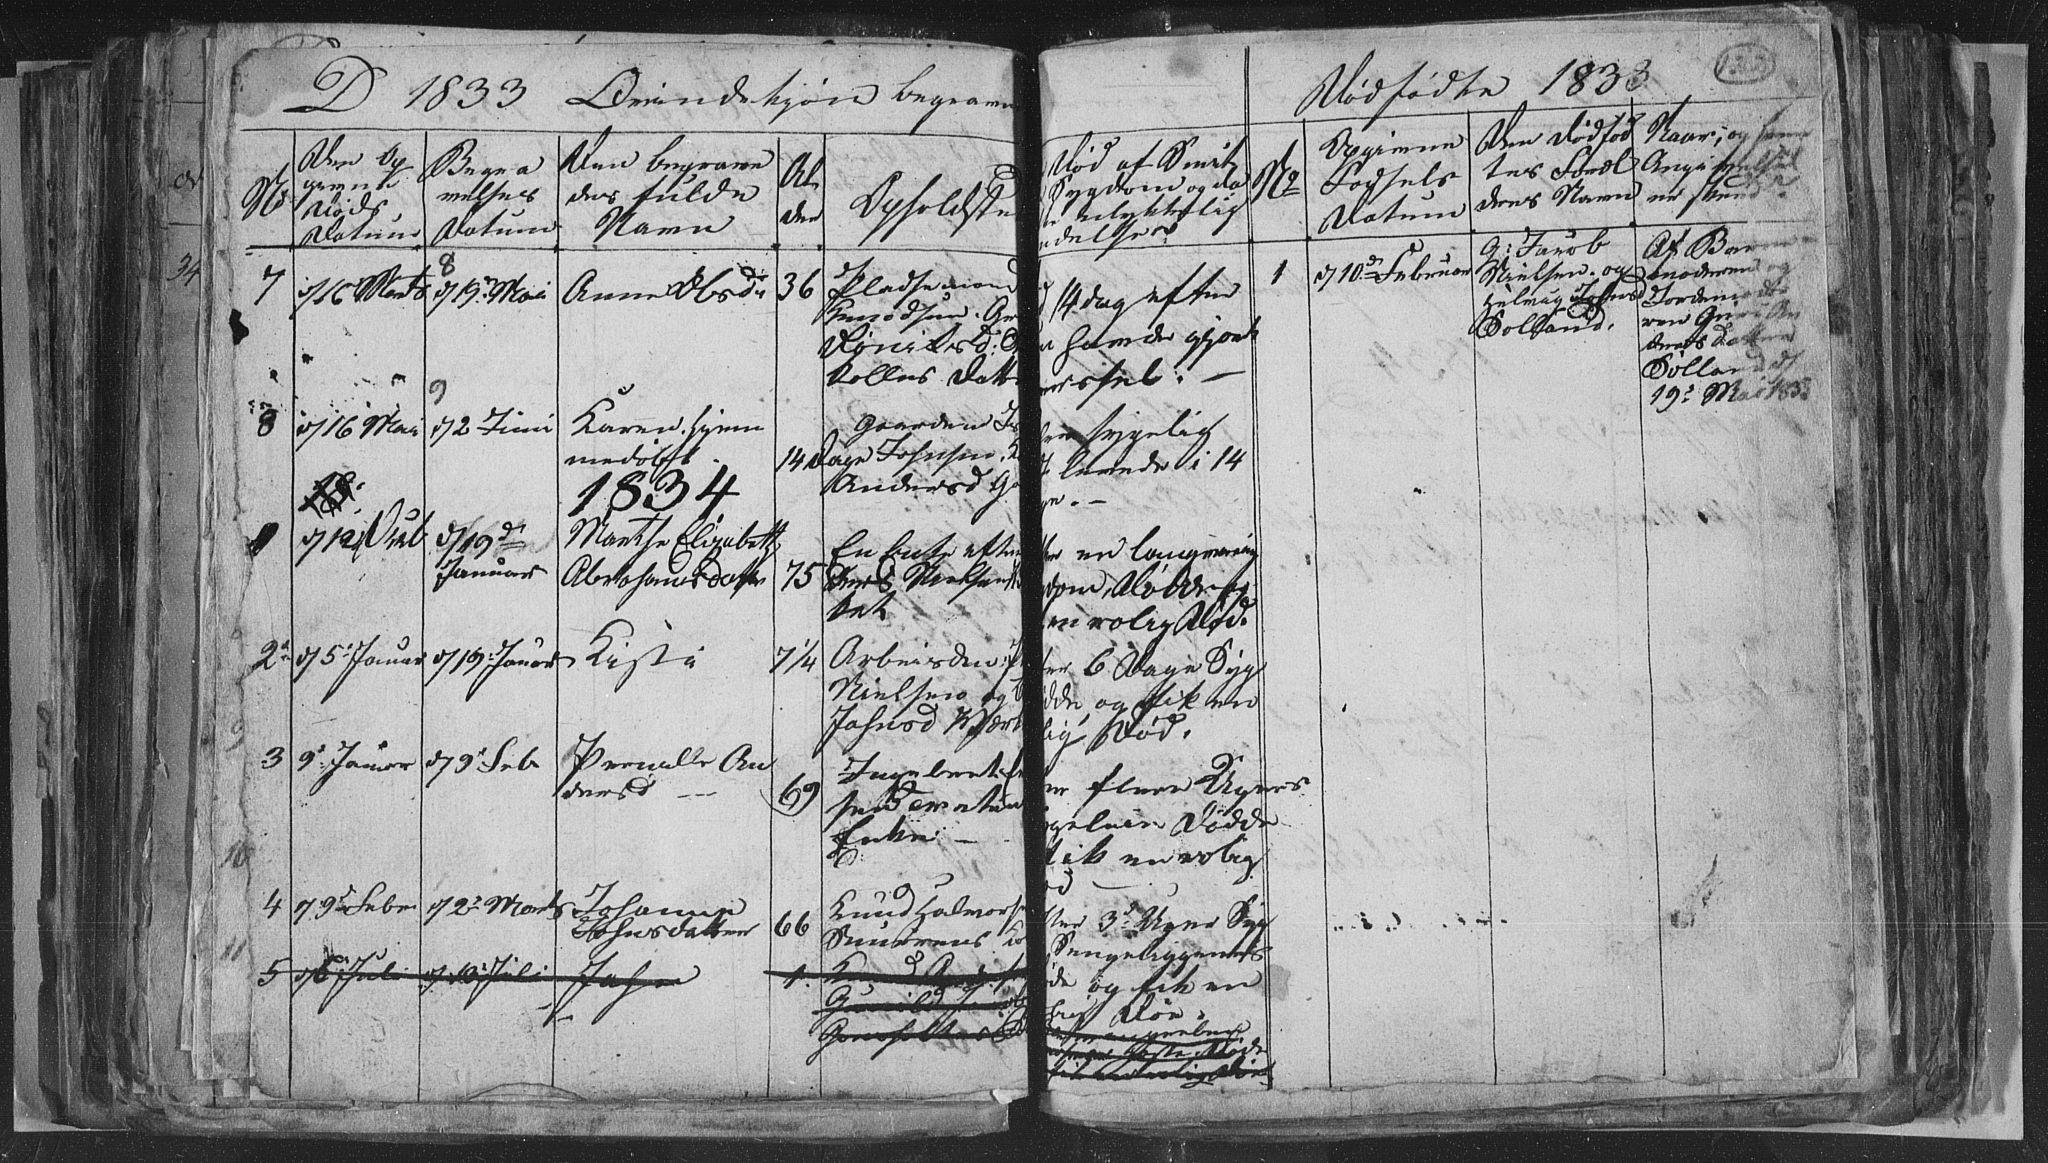 SAKO, Siljan kirkebøker, G/Ga/L0001: Klokkerbok nr. 1, 1827-1847, s. 122